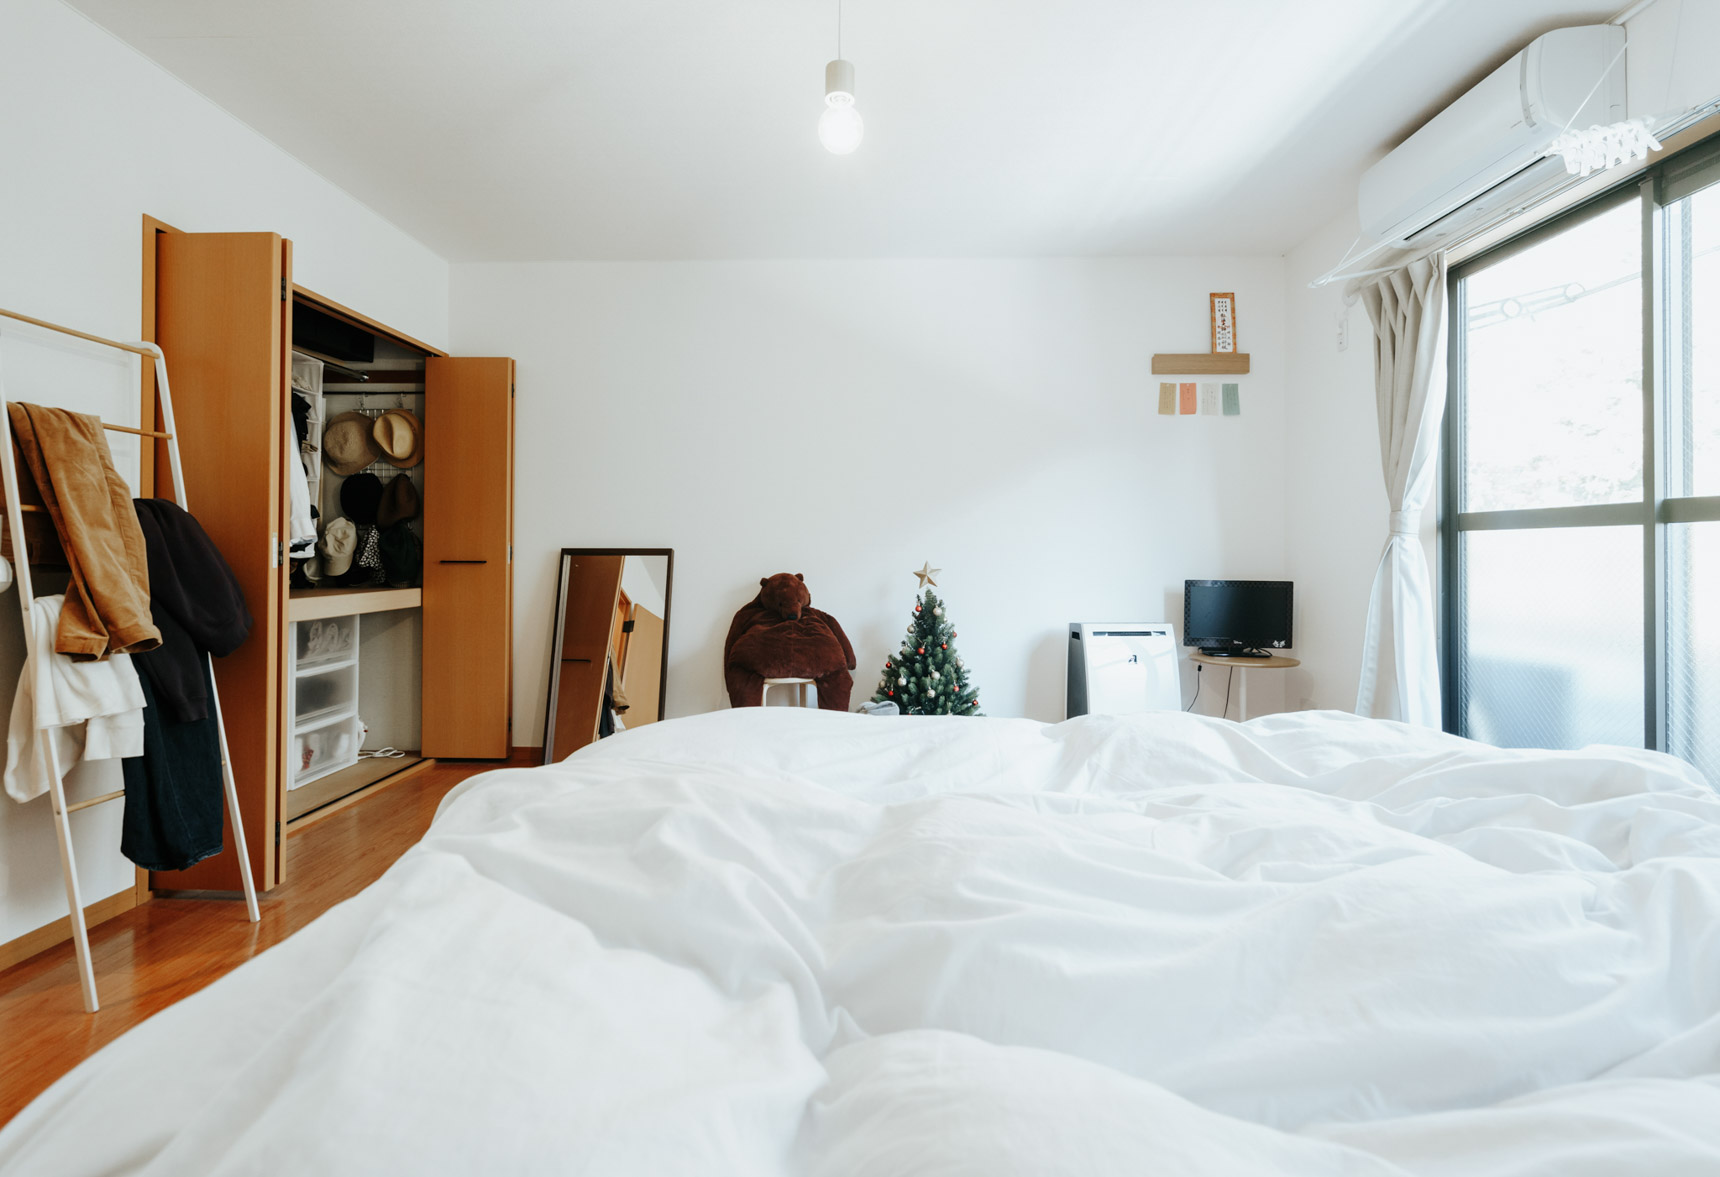 2階にそれぞれゆとりある広さのお部屋が2つ。1部屋はお二人の寝室に。